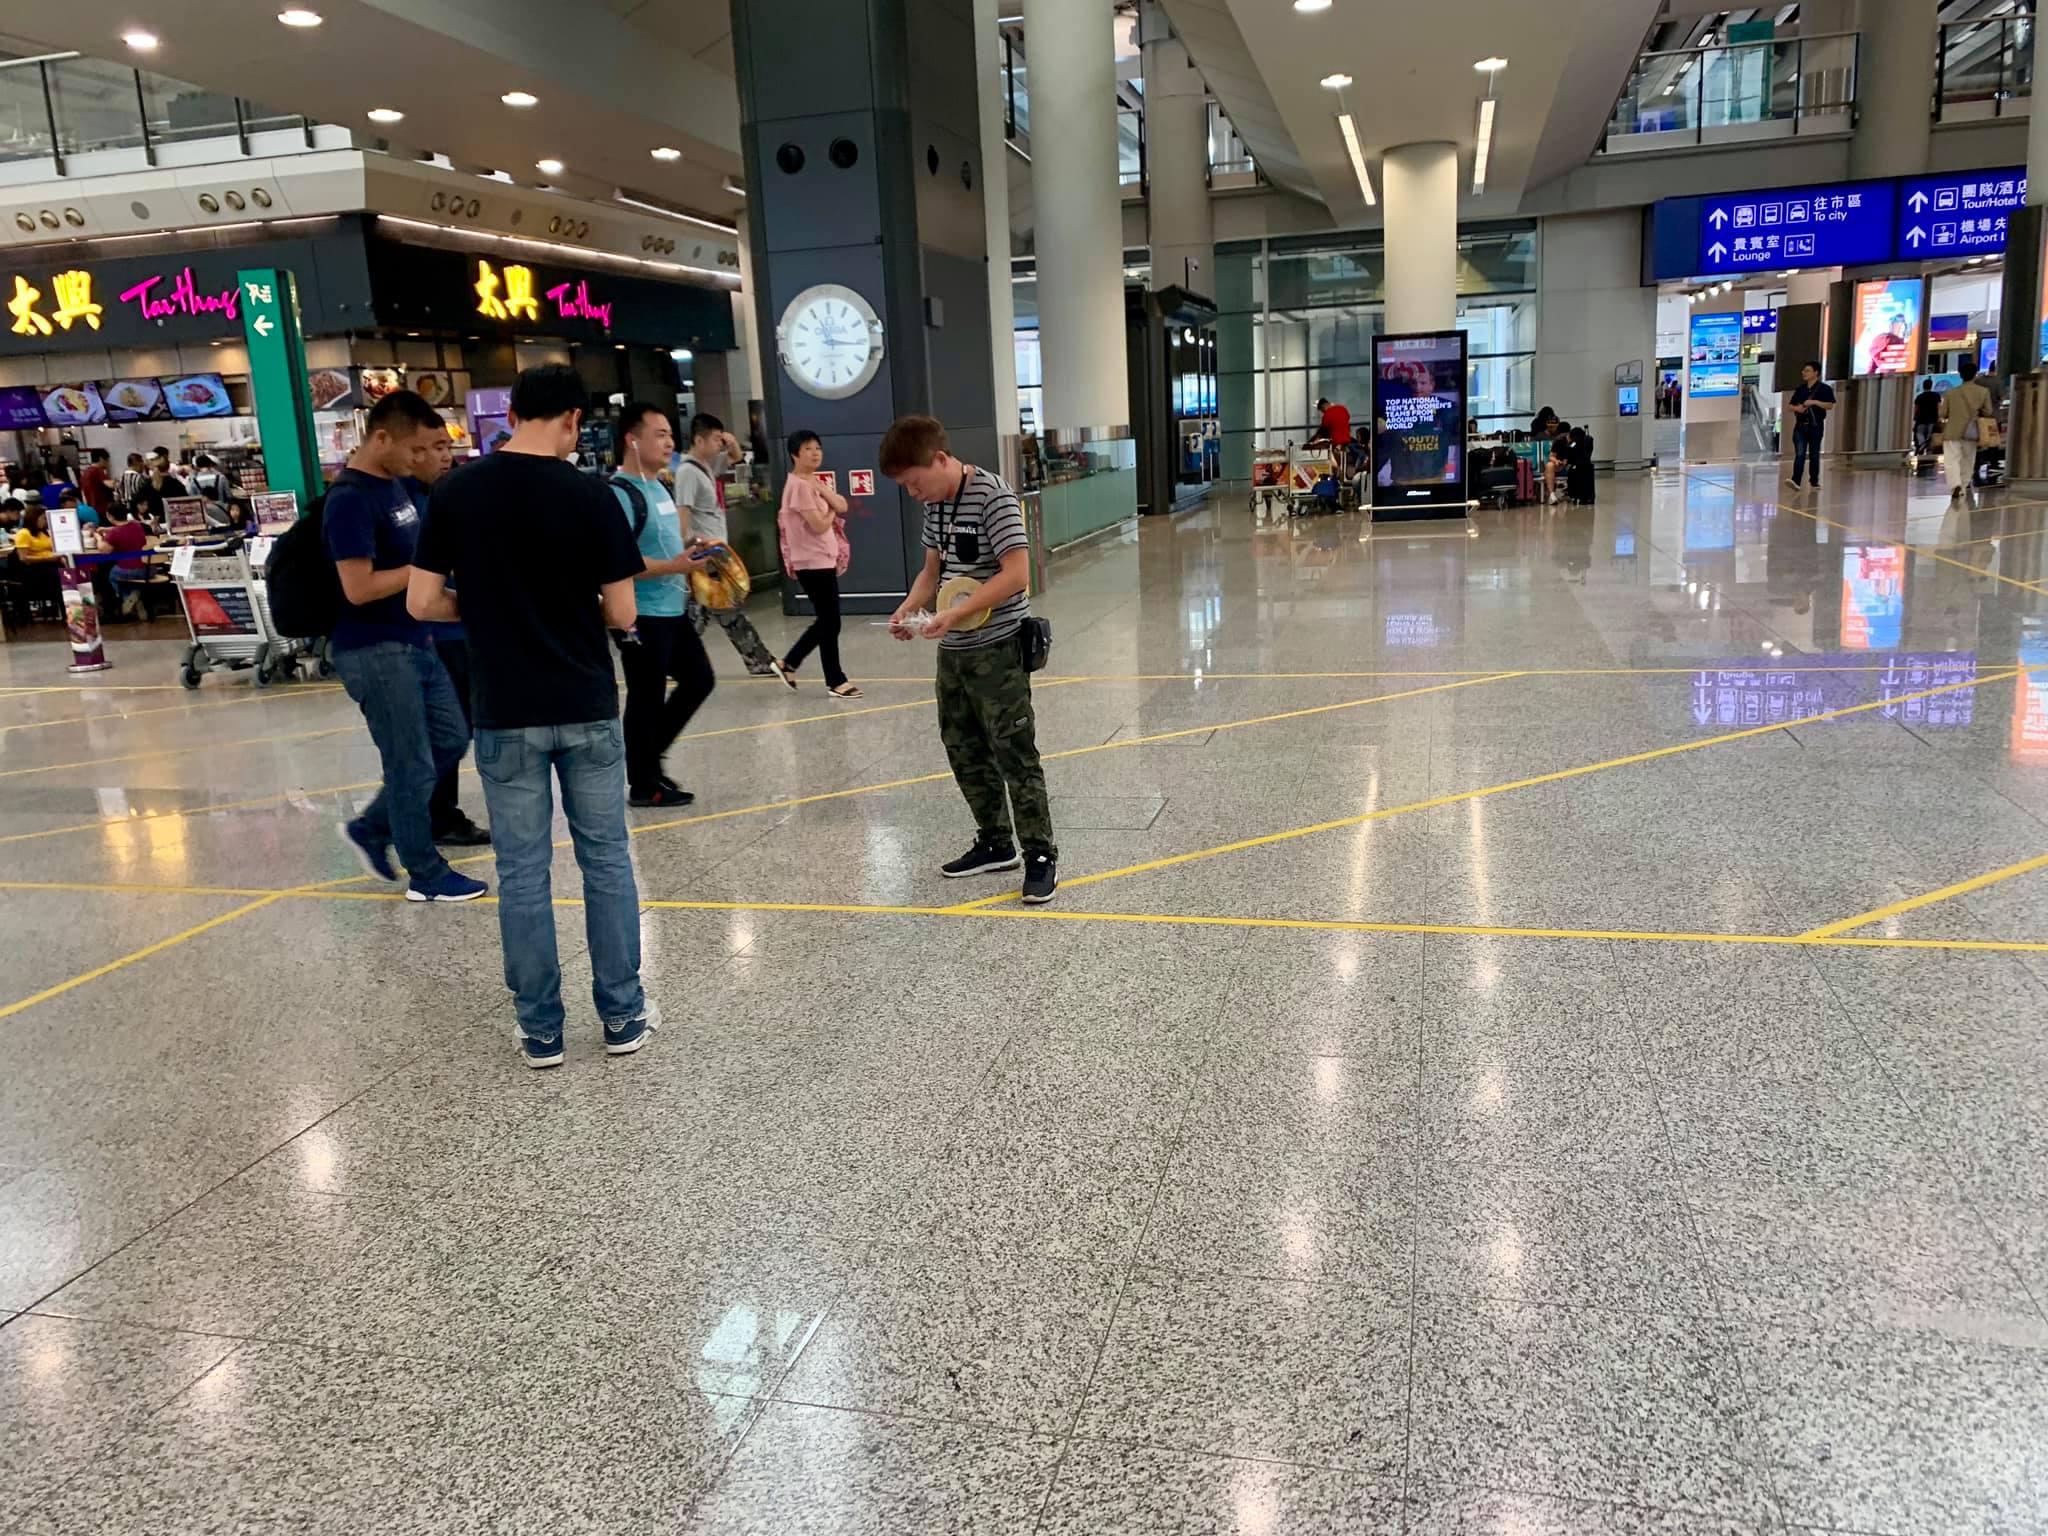 有職員在大堂地上貼黃線。小心駕駛FB/網民Danny Cheng圖